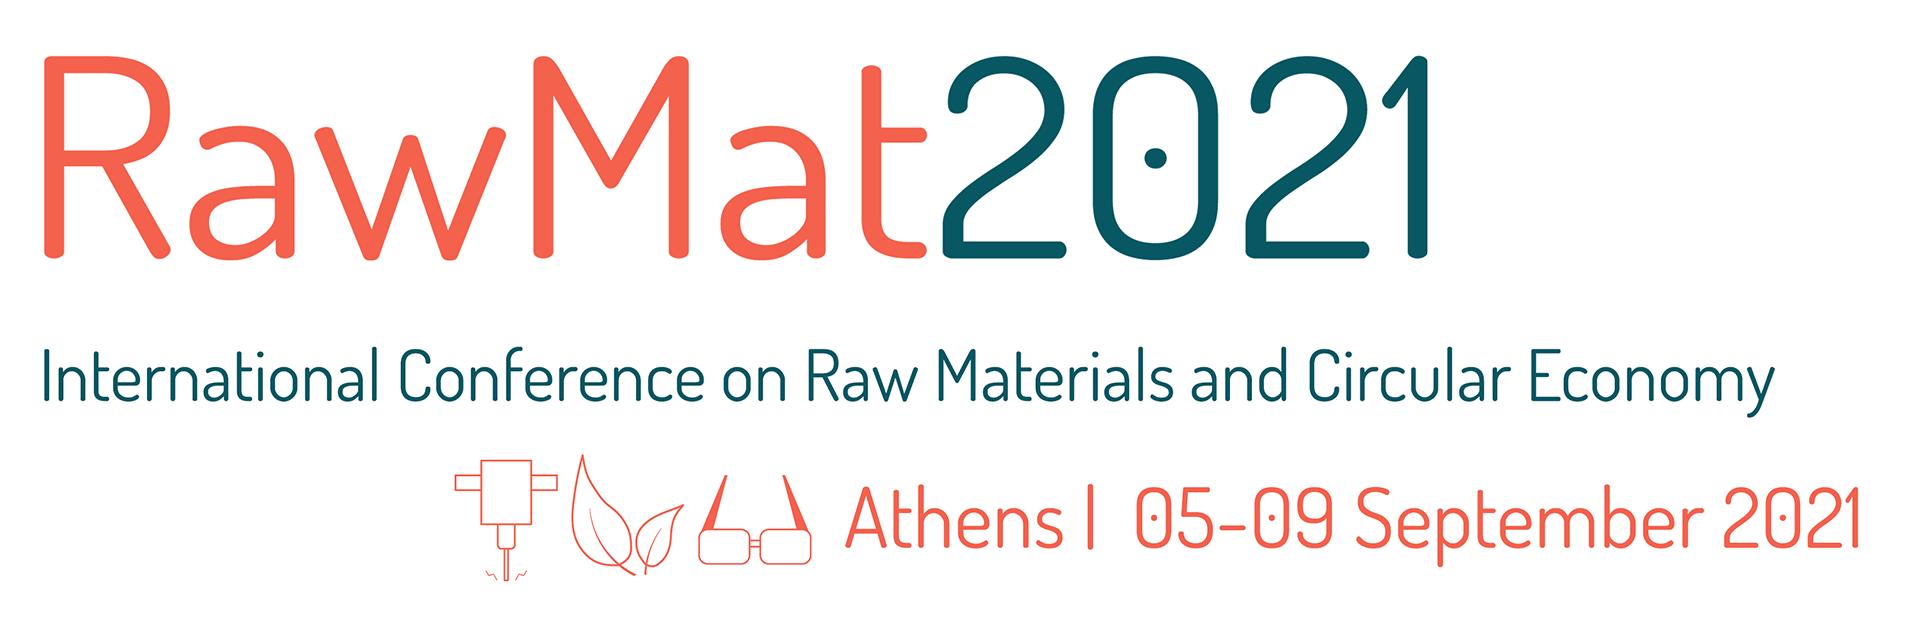 Πανεπιστήμιο Δυτικής Μακεδονίας: Το Τμήμα Ορυκτών Πόρων συνδιοργανωτής του Διεθνούς Συνεδρίου για τις Πρώτες Ύλες και την Κυκλική Οικονομία (International Conference on Raw Materials and Circular Economy - RawMat2021).